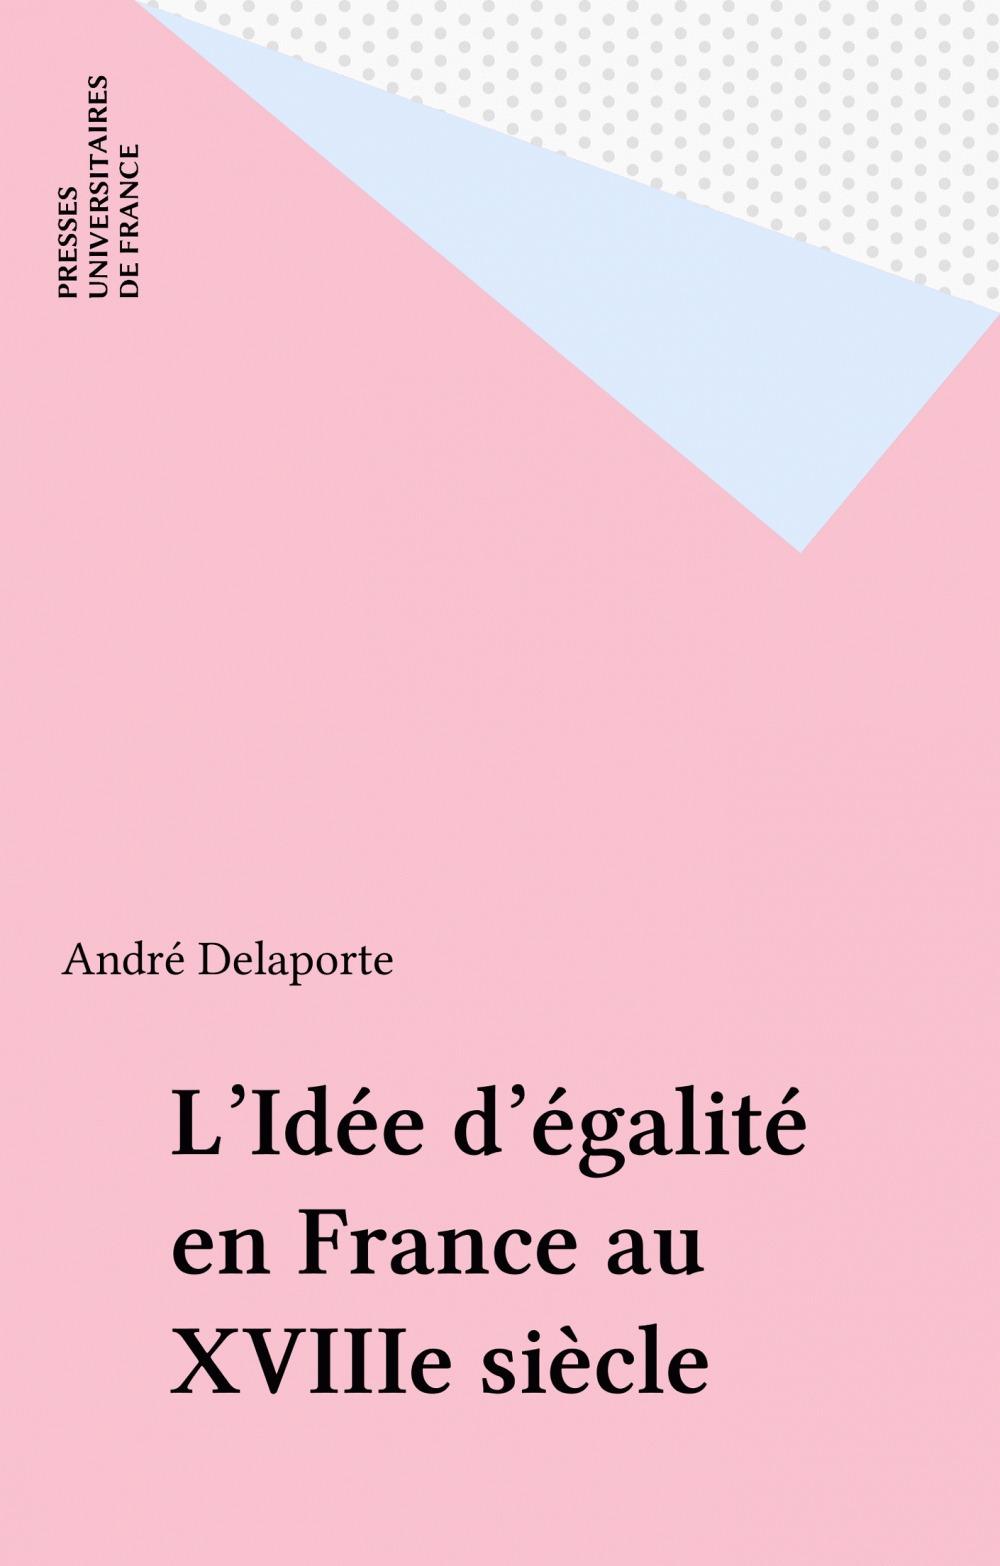 L'Idée d'égalité en France au XVIIIe siècle  - Francois Delaporte  - André Delaporte